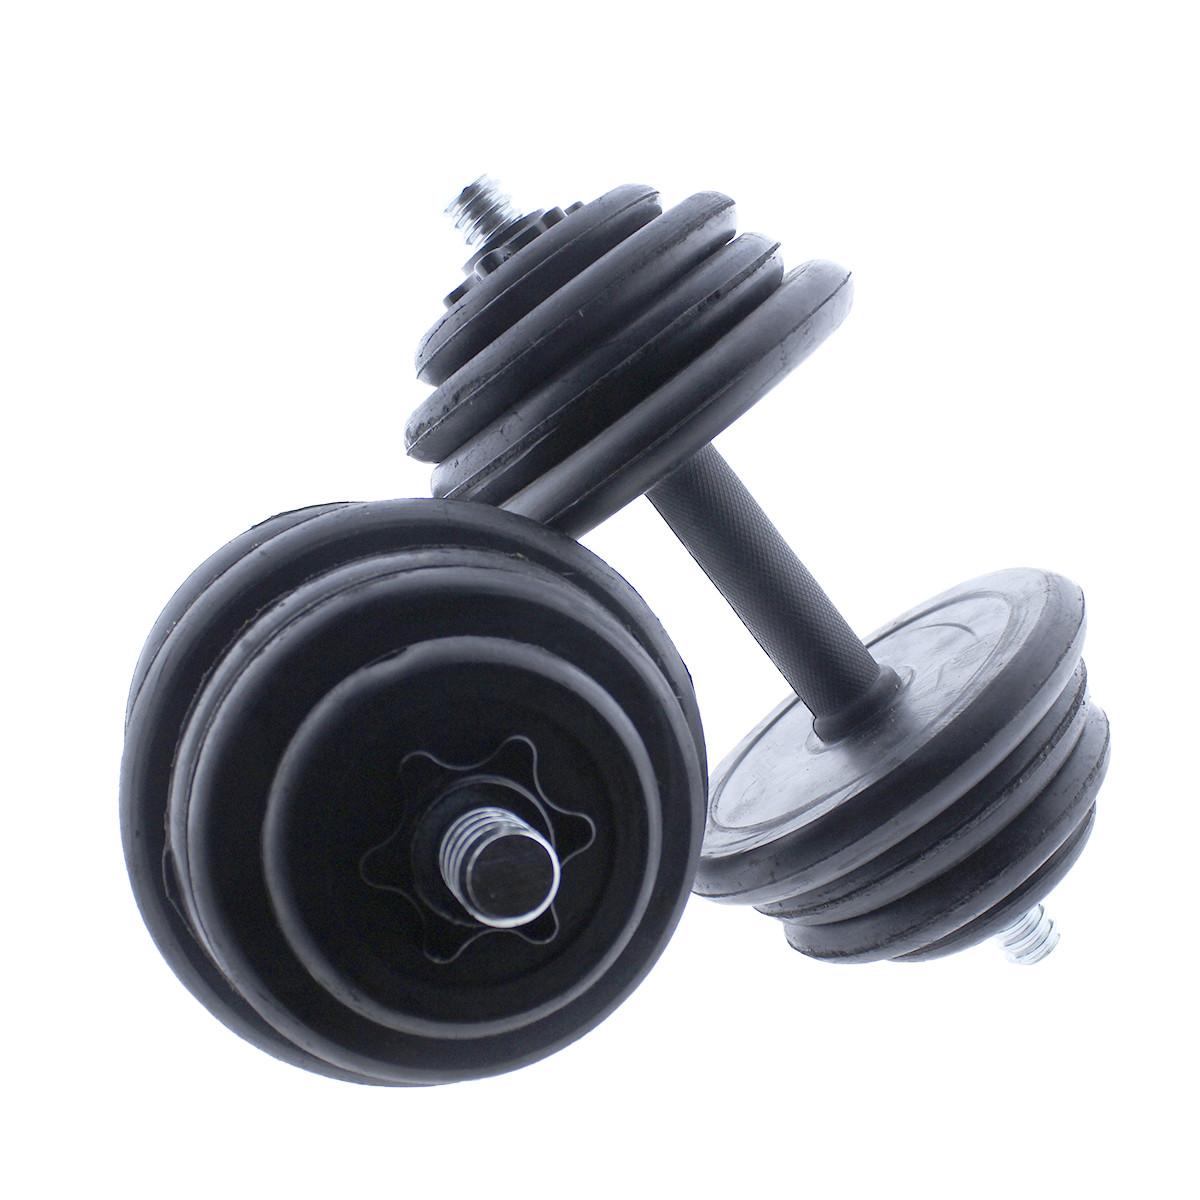 Set-de-mancuernas-ajustables-Negras-con-discos-de-Goma-10kg-12kg-15kg-20-k miniatura 19